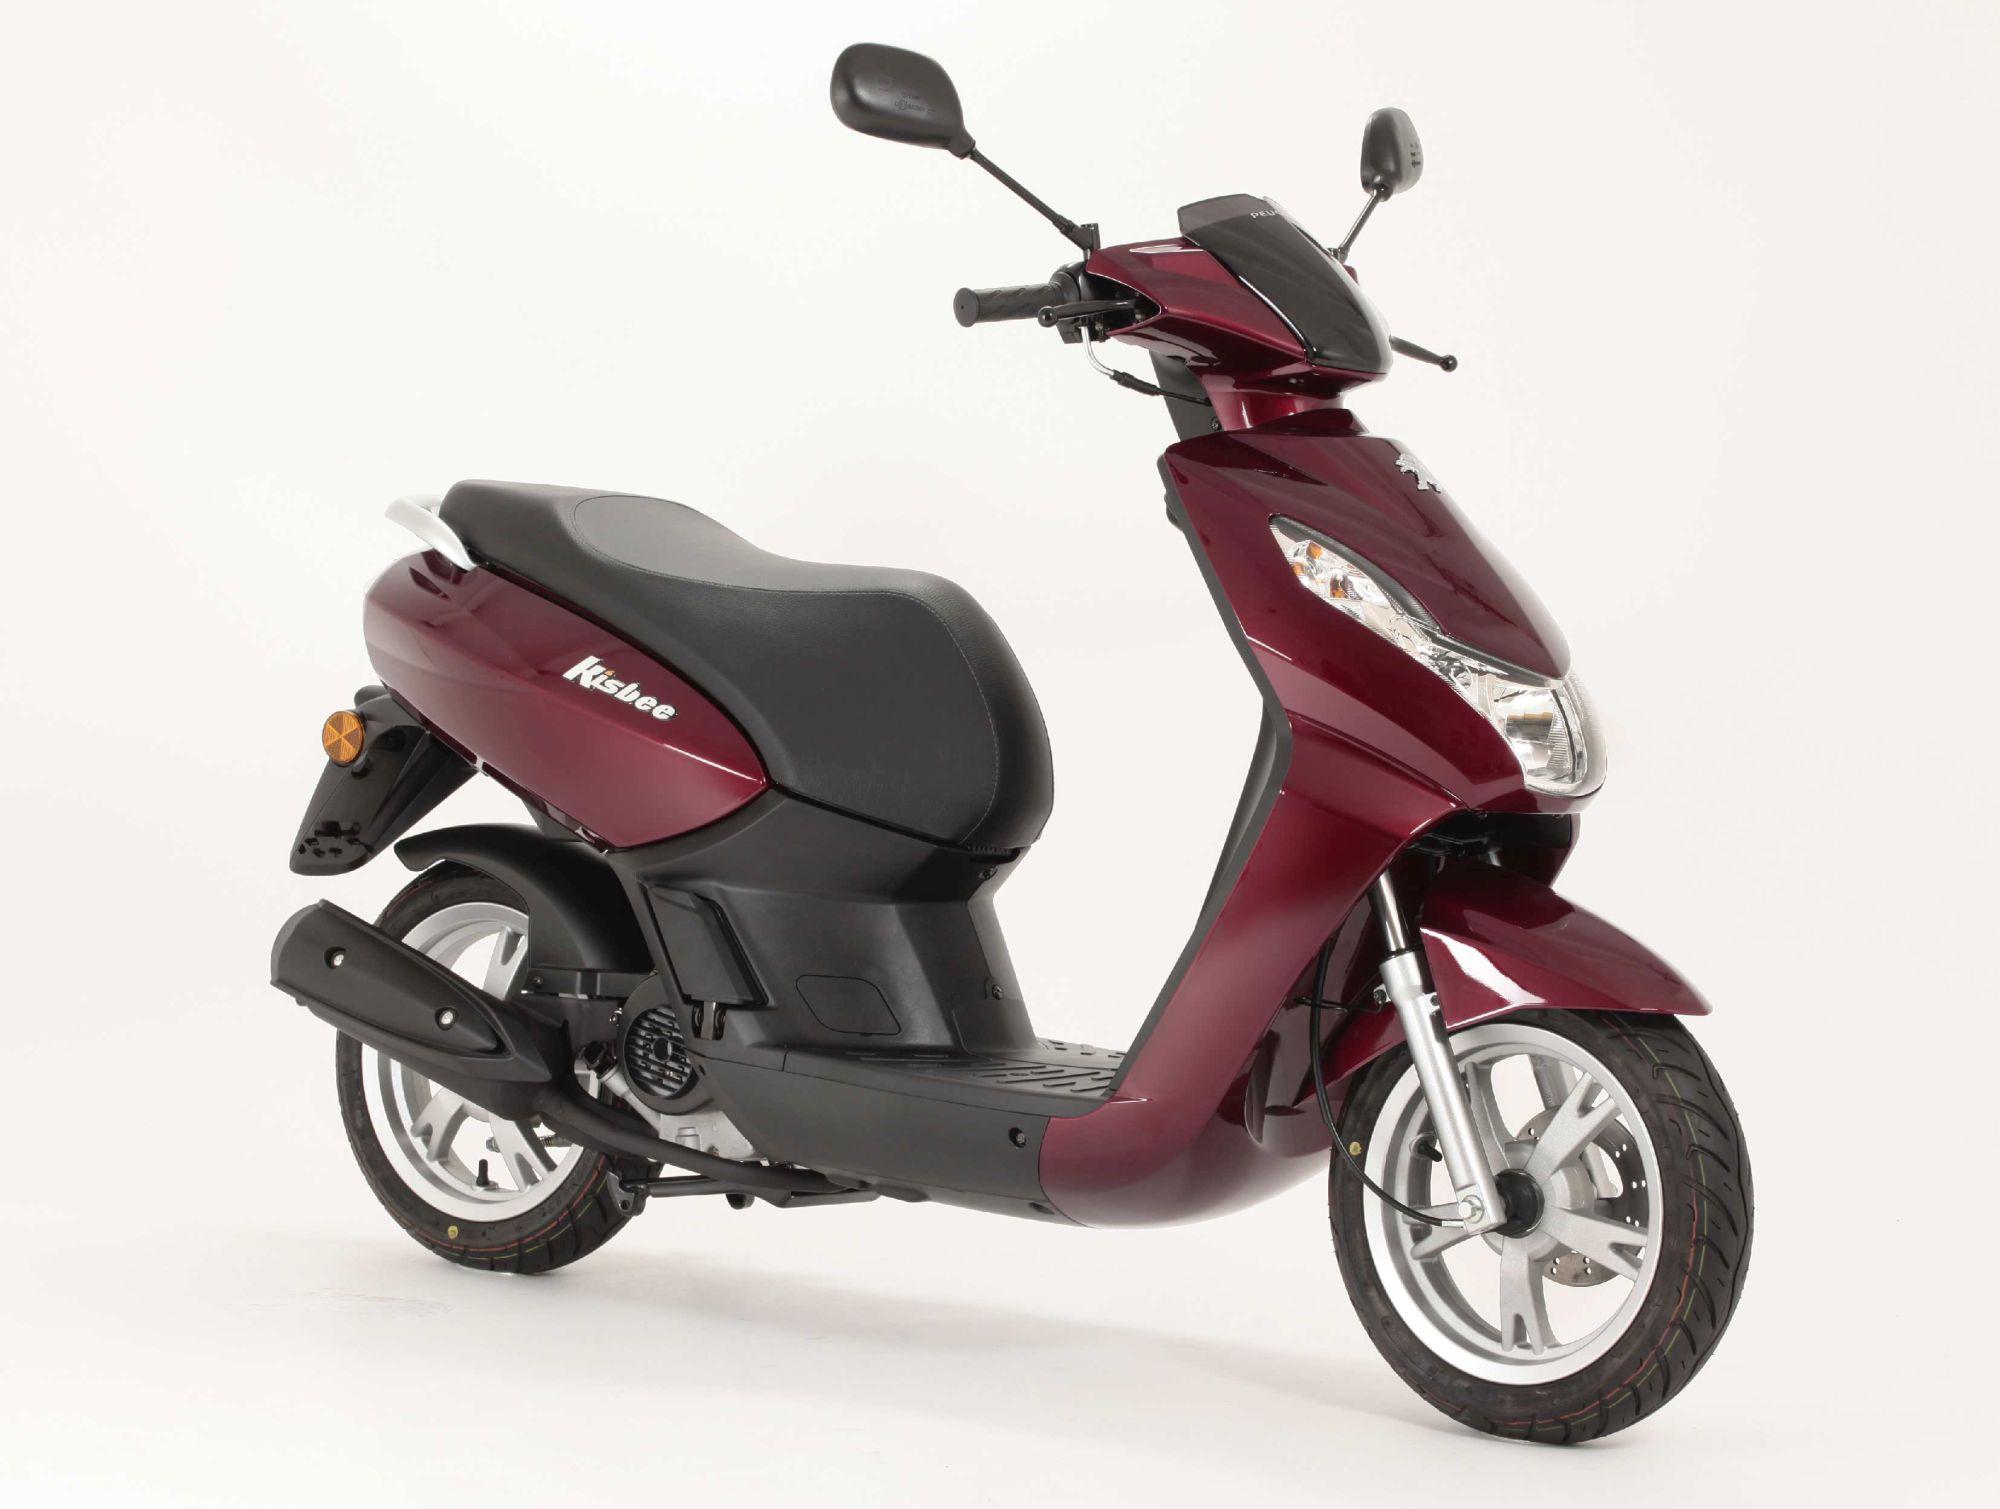 gebrauchte und neue peugeot kisbee 50 4t motorräder kaufen